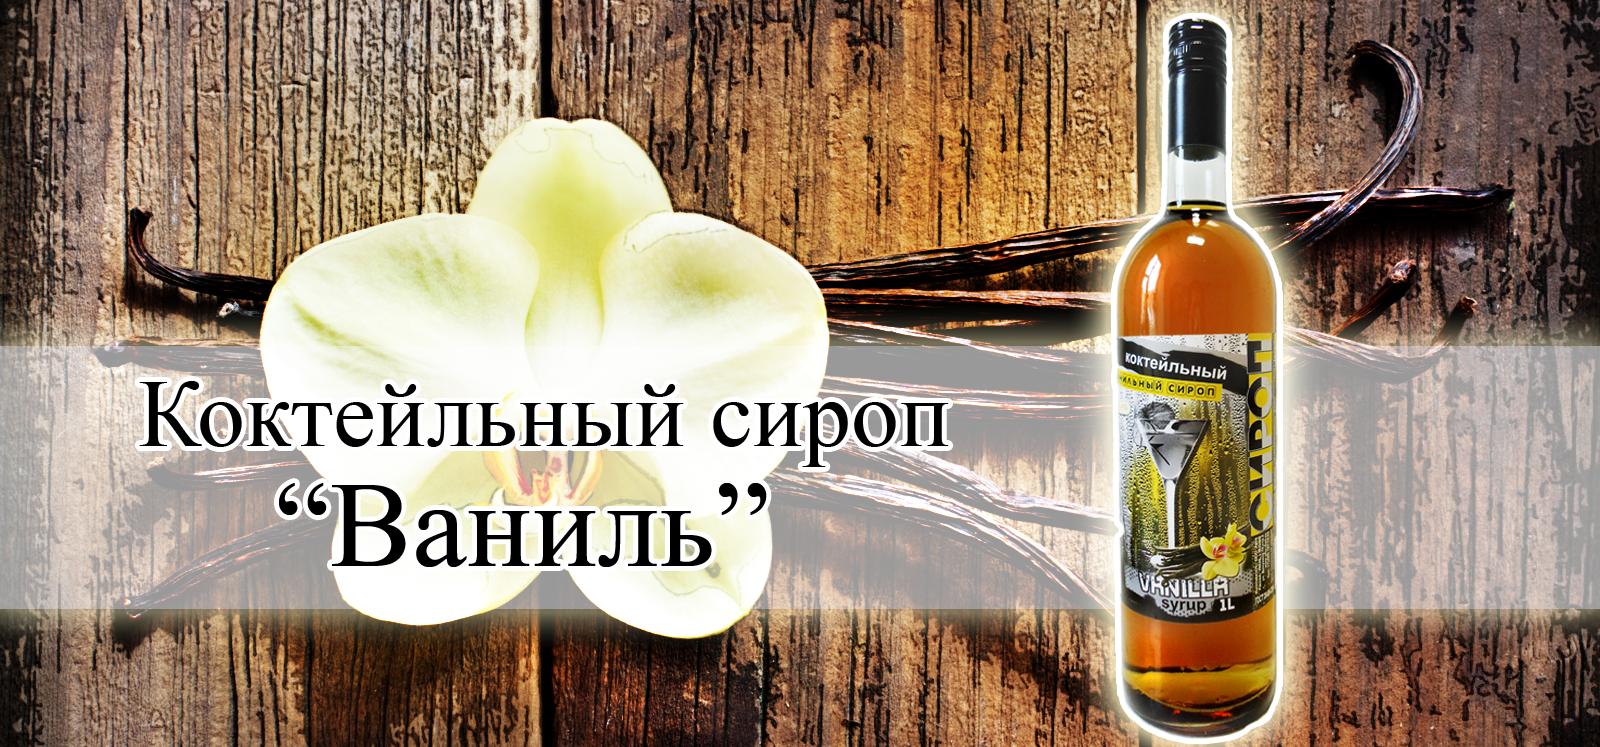 Арта - Сиропы - Коктейльный сироп Ваниль